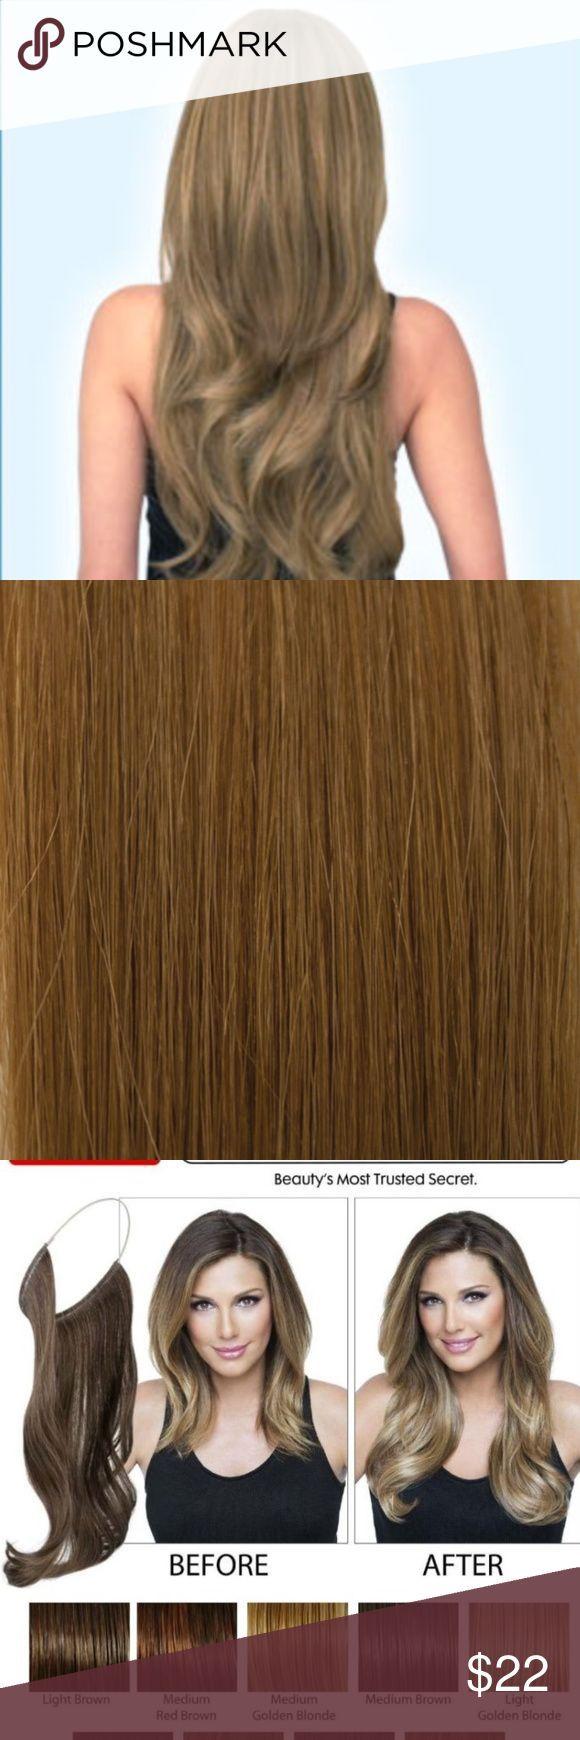 Secret Hair Extensions Daisy Fuentes Golden Blonde 01 Dark Golden Blonde Patente